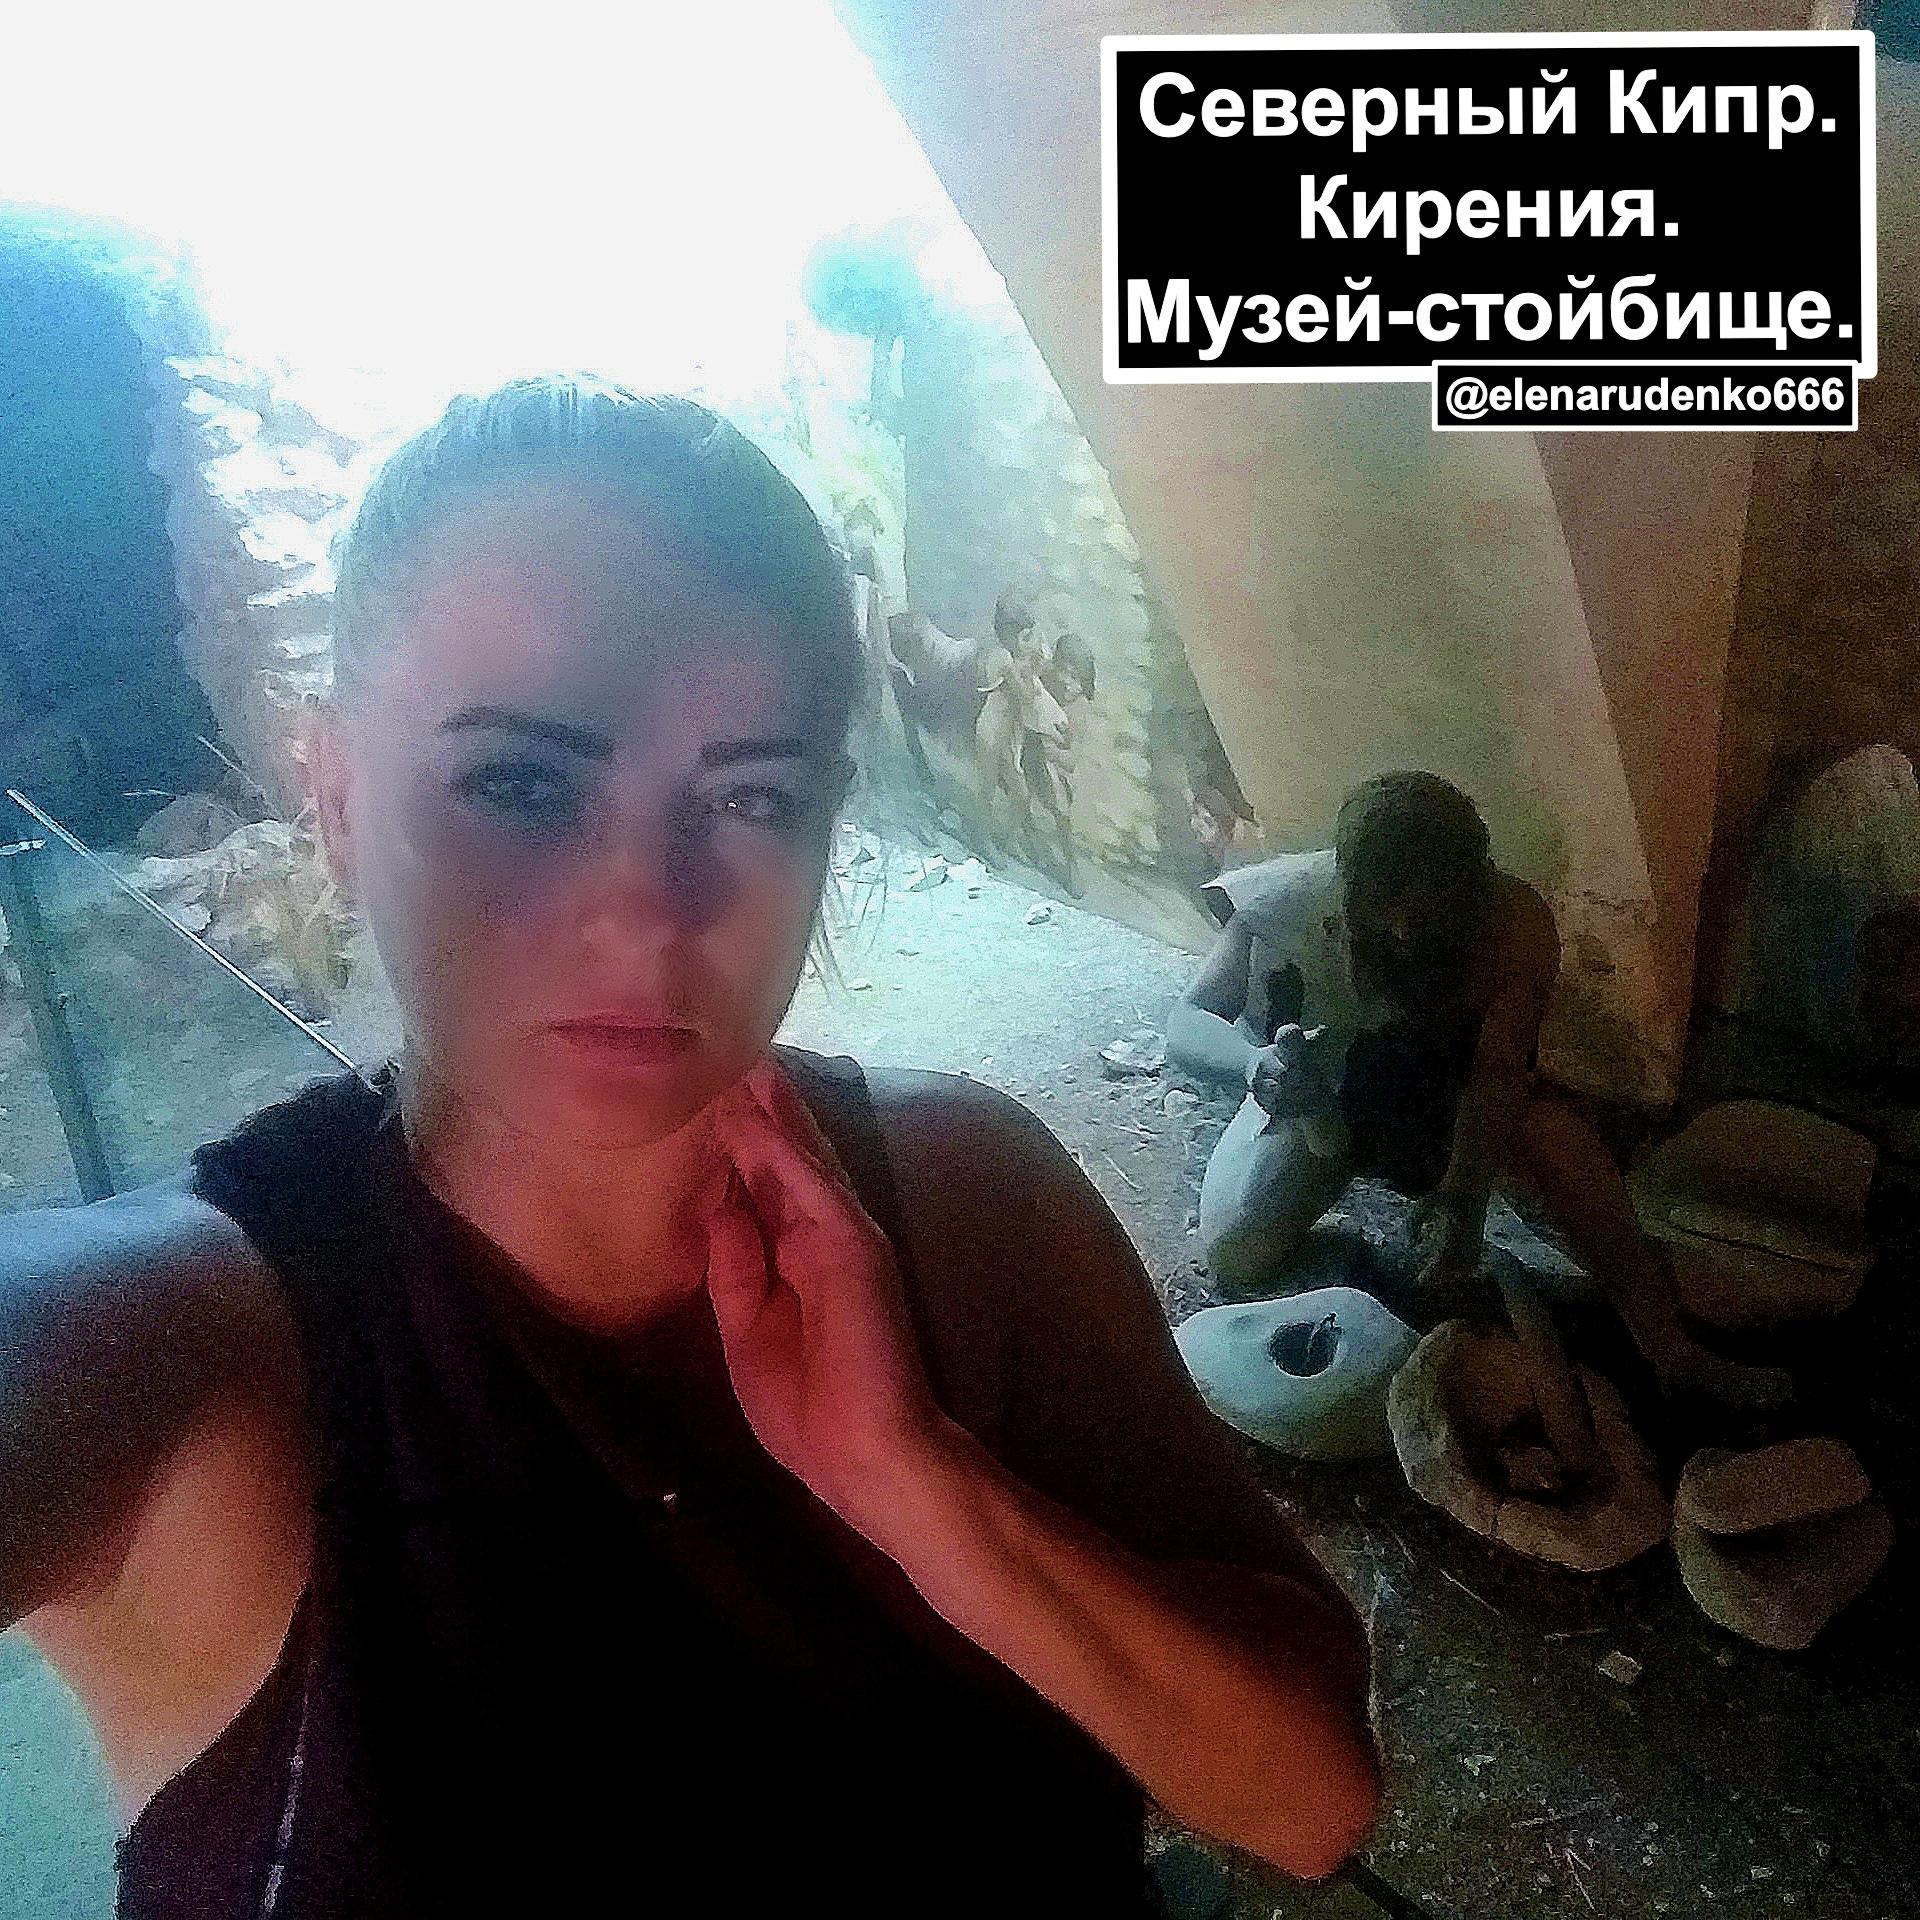 путешествие - Интересные места в которых я побывала (Елена Руденко). 7qG5wkcuv7E